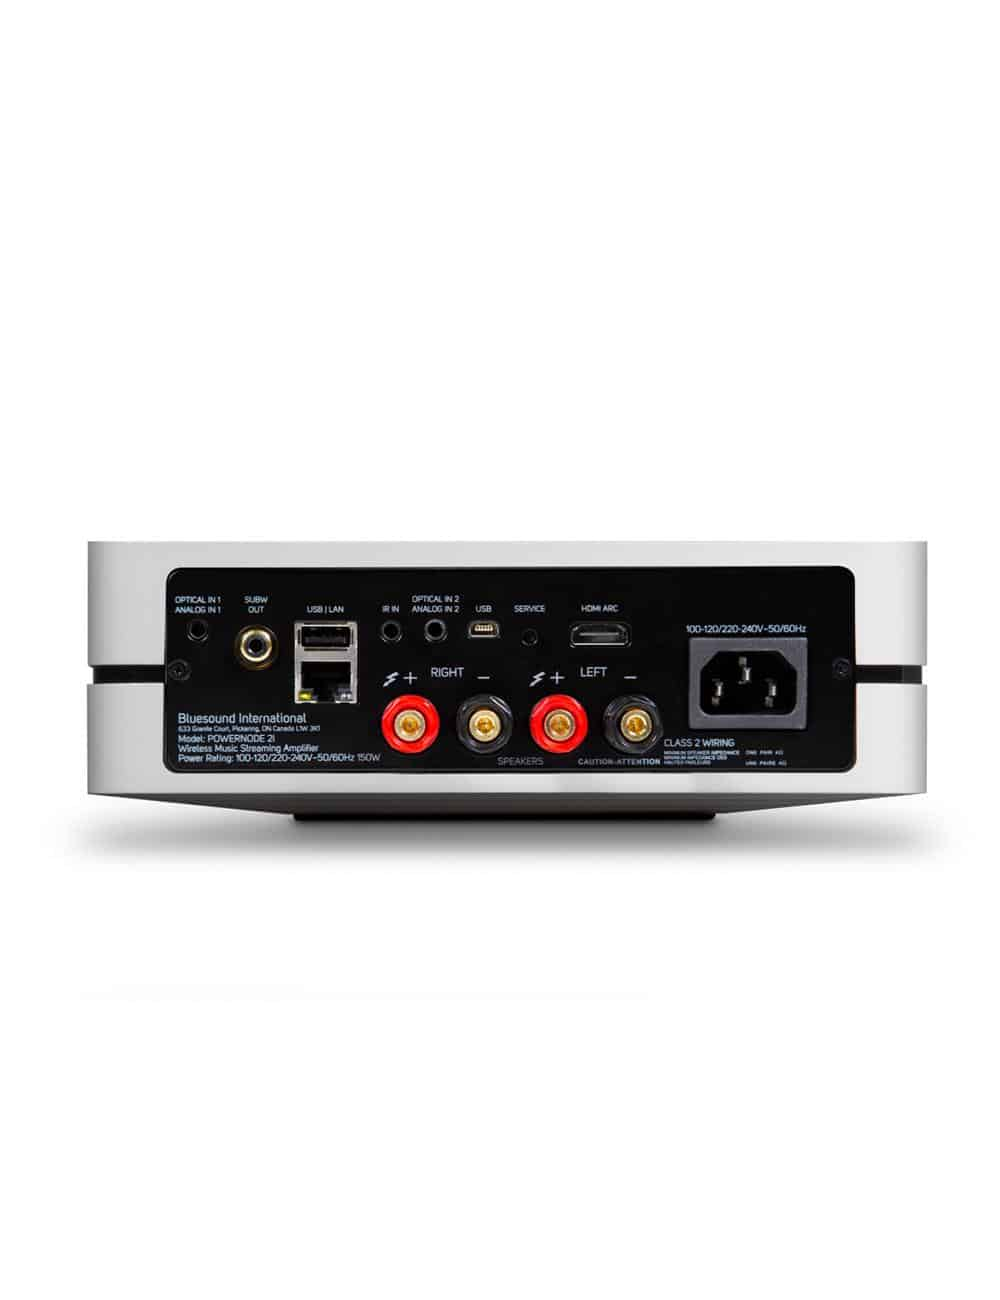 amplificatore streaming HiFi con multiroom, Bluesound Powernode 2i HDMI, vista pannello posteriore connessioni, finitura bianco